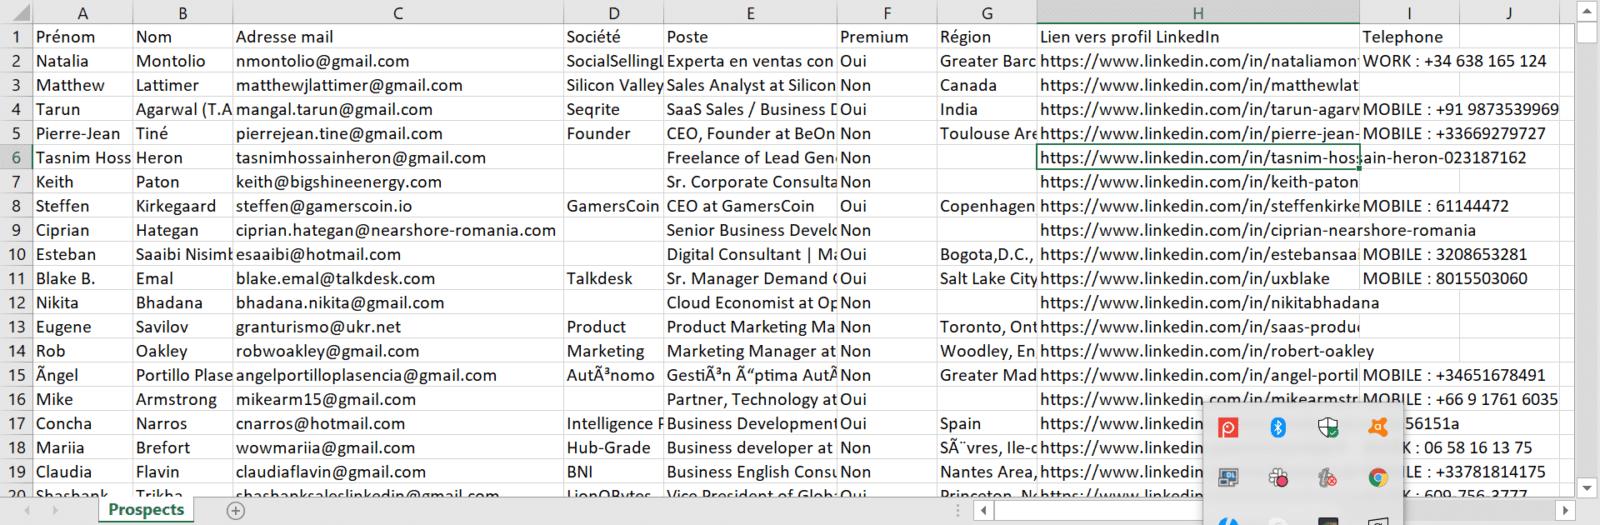 exportar datos para scrapper en linkedin